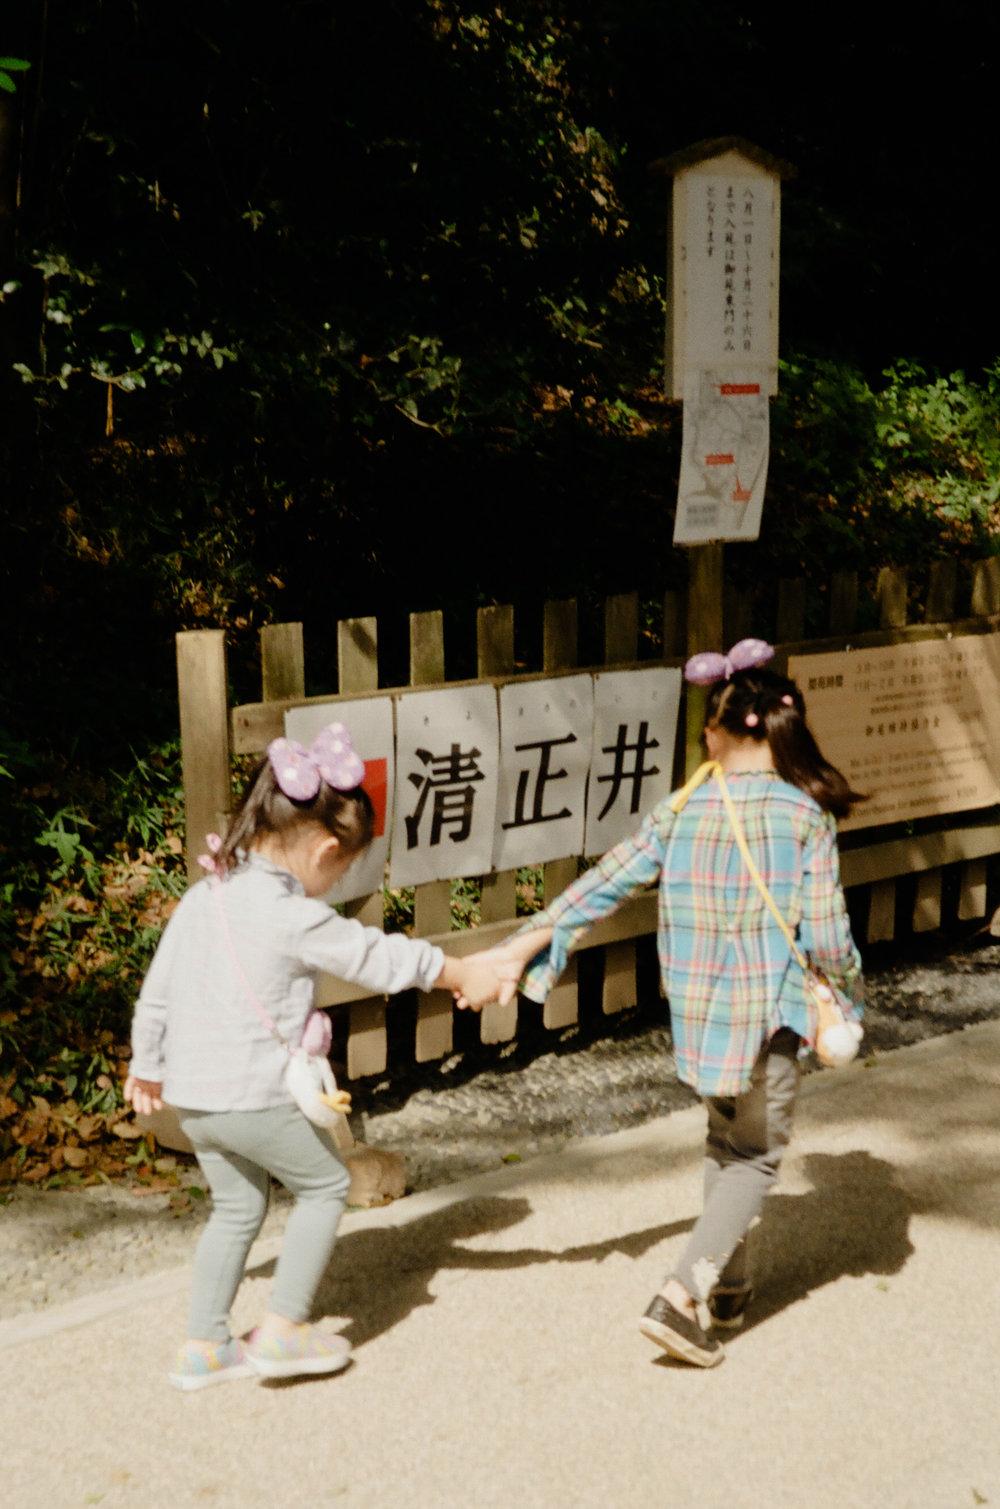 161106__Tokyo2016_012.jpg